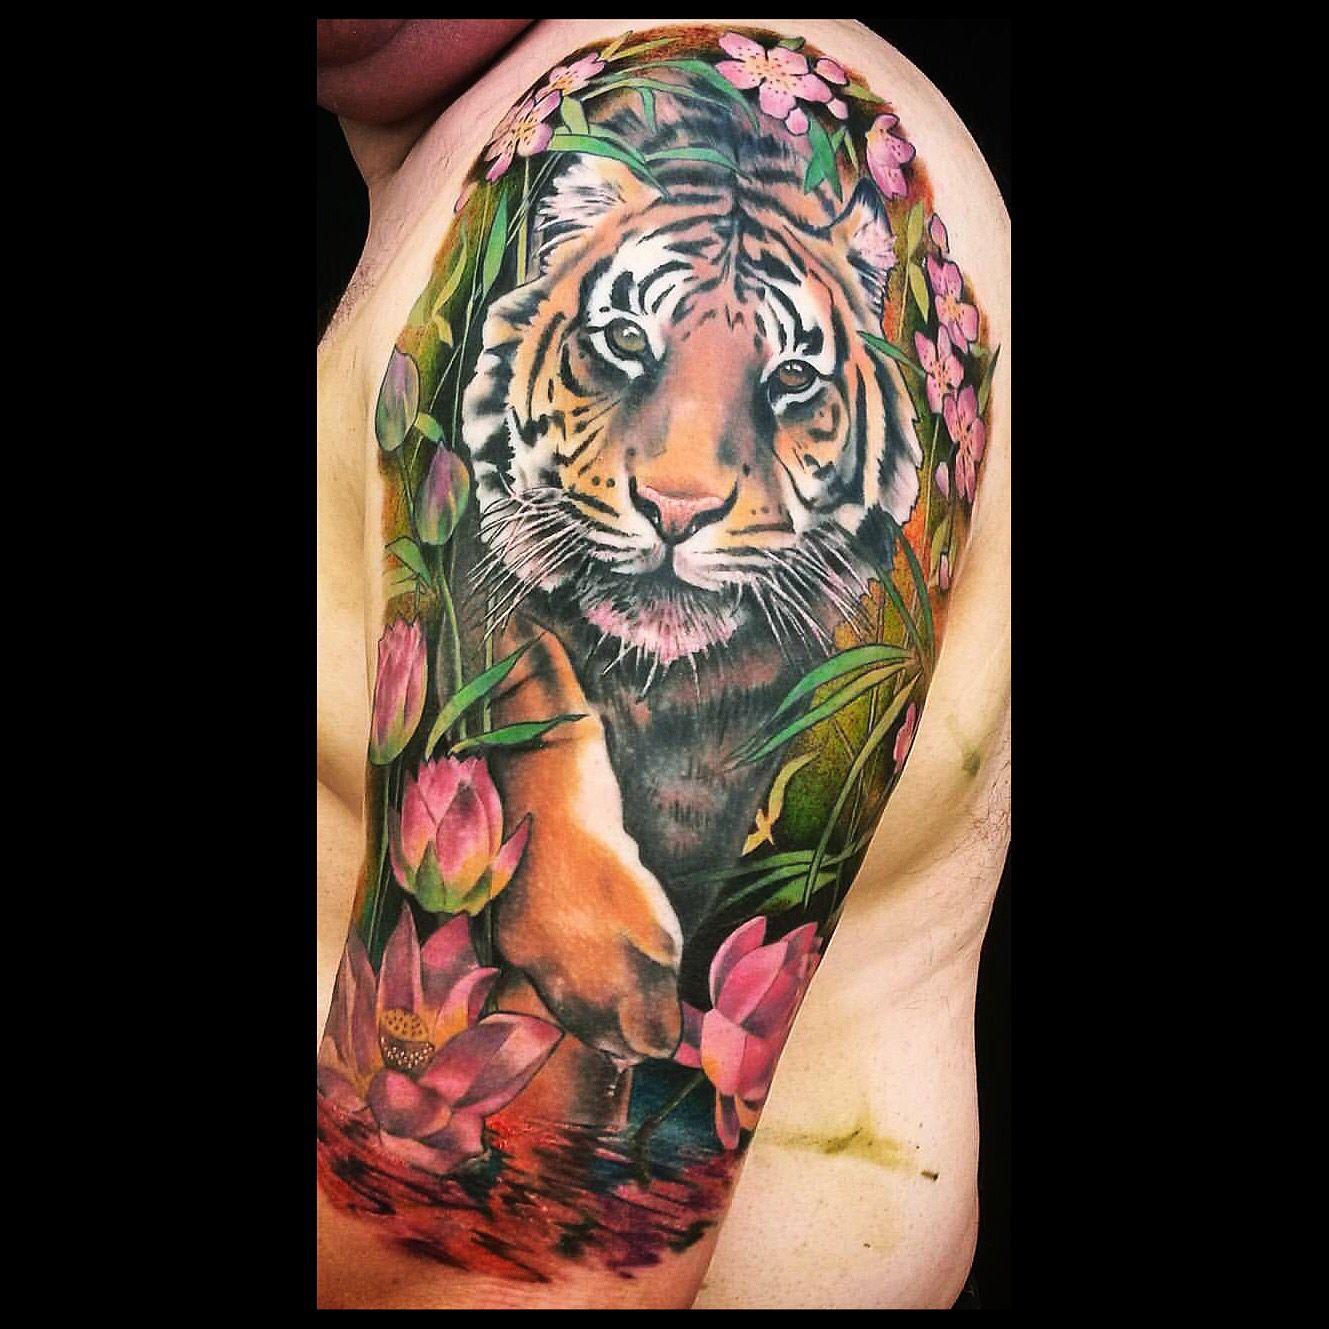 tiger tattoo tiger tattoos pinterest tattoo ideen. Black Bedroom Furniture Sets. Home Design Ideas